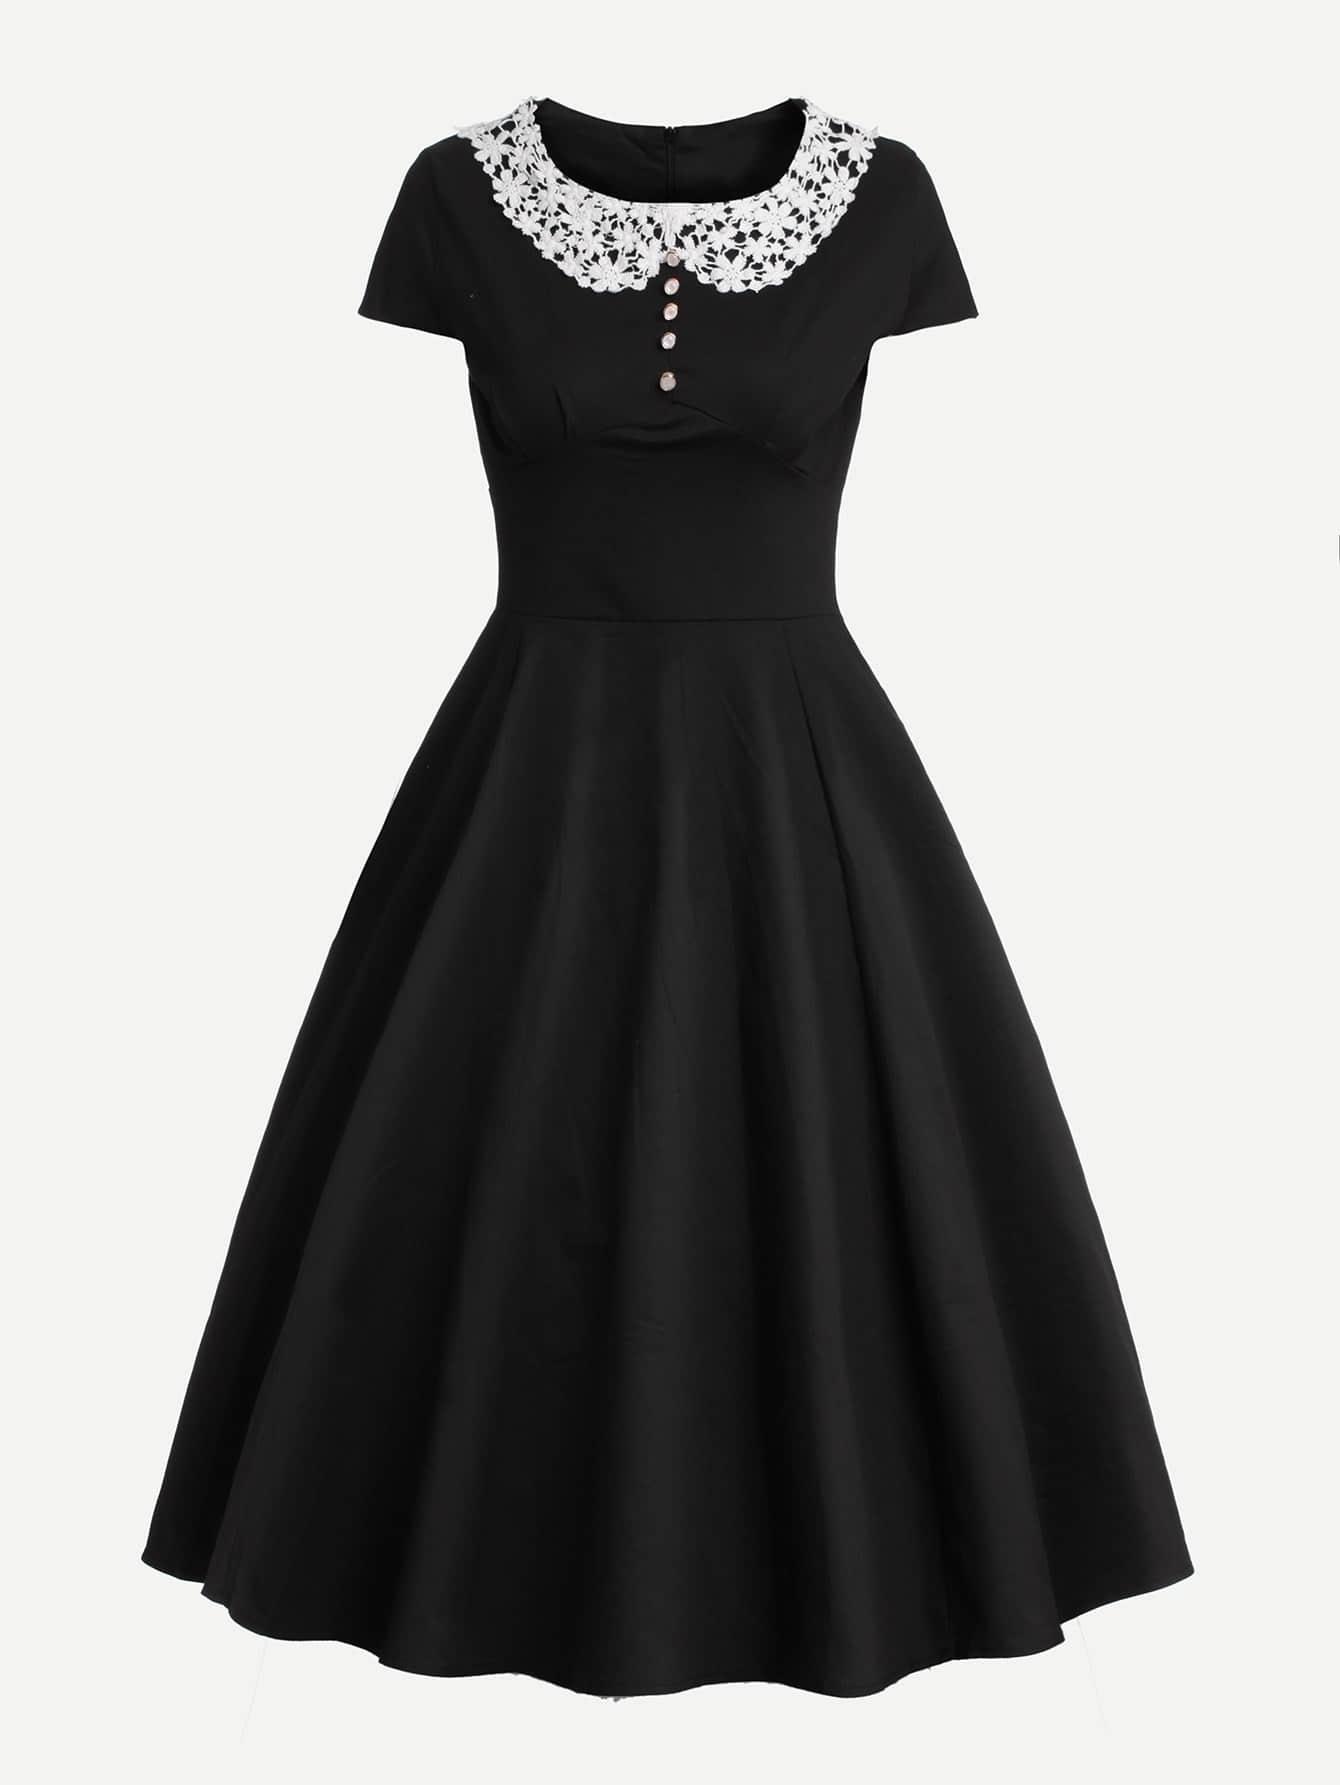 Модное платье с контрастным воротником, null, SheIn  - купить со скидкой